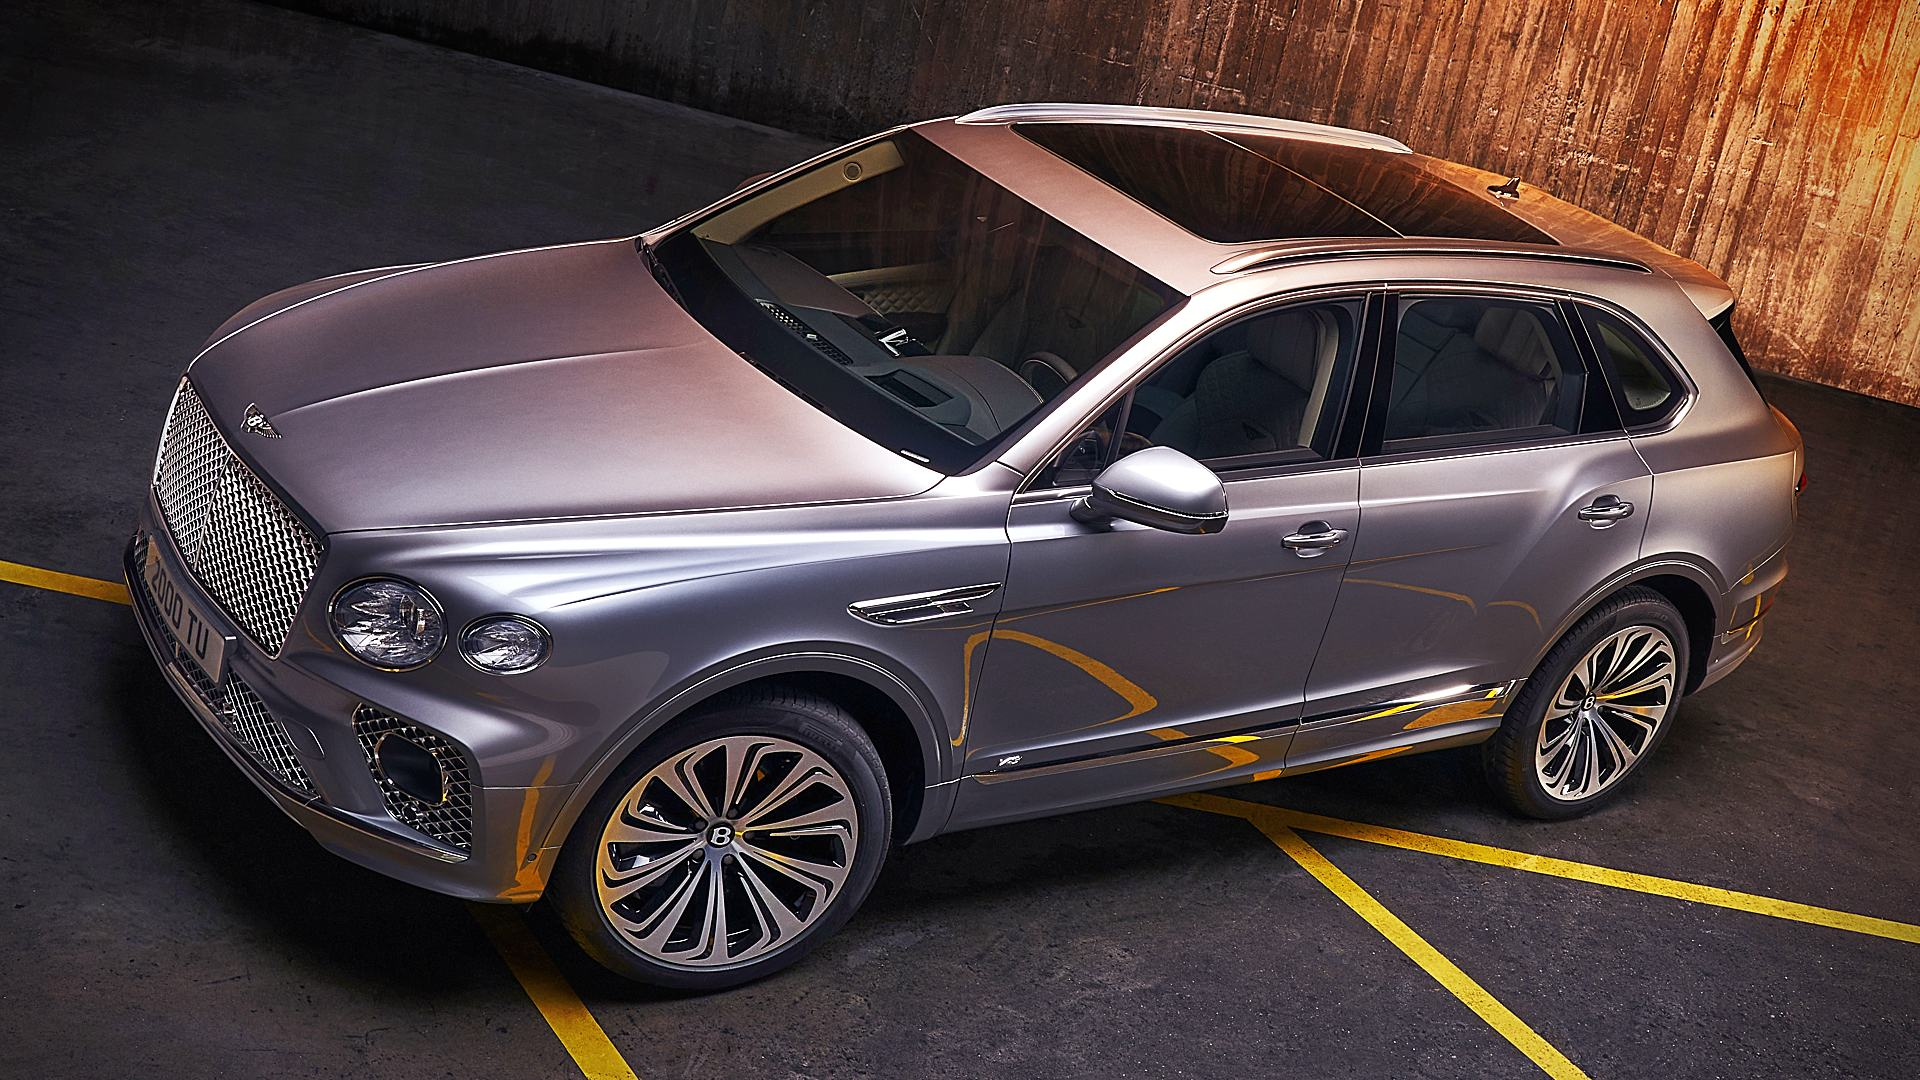 2021 Bentley Bentayga Images